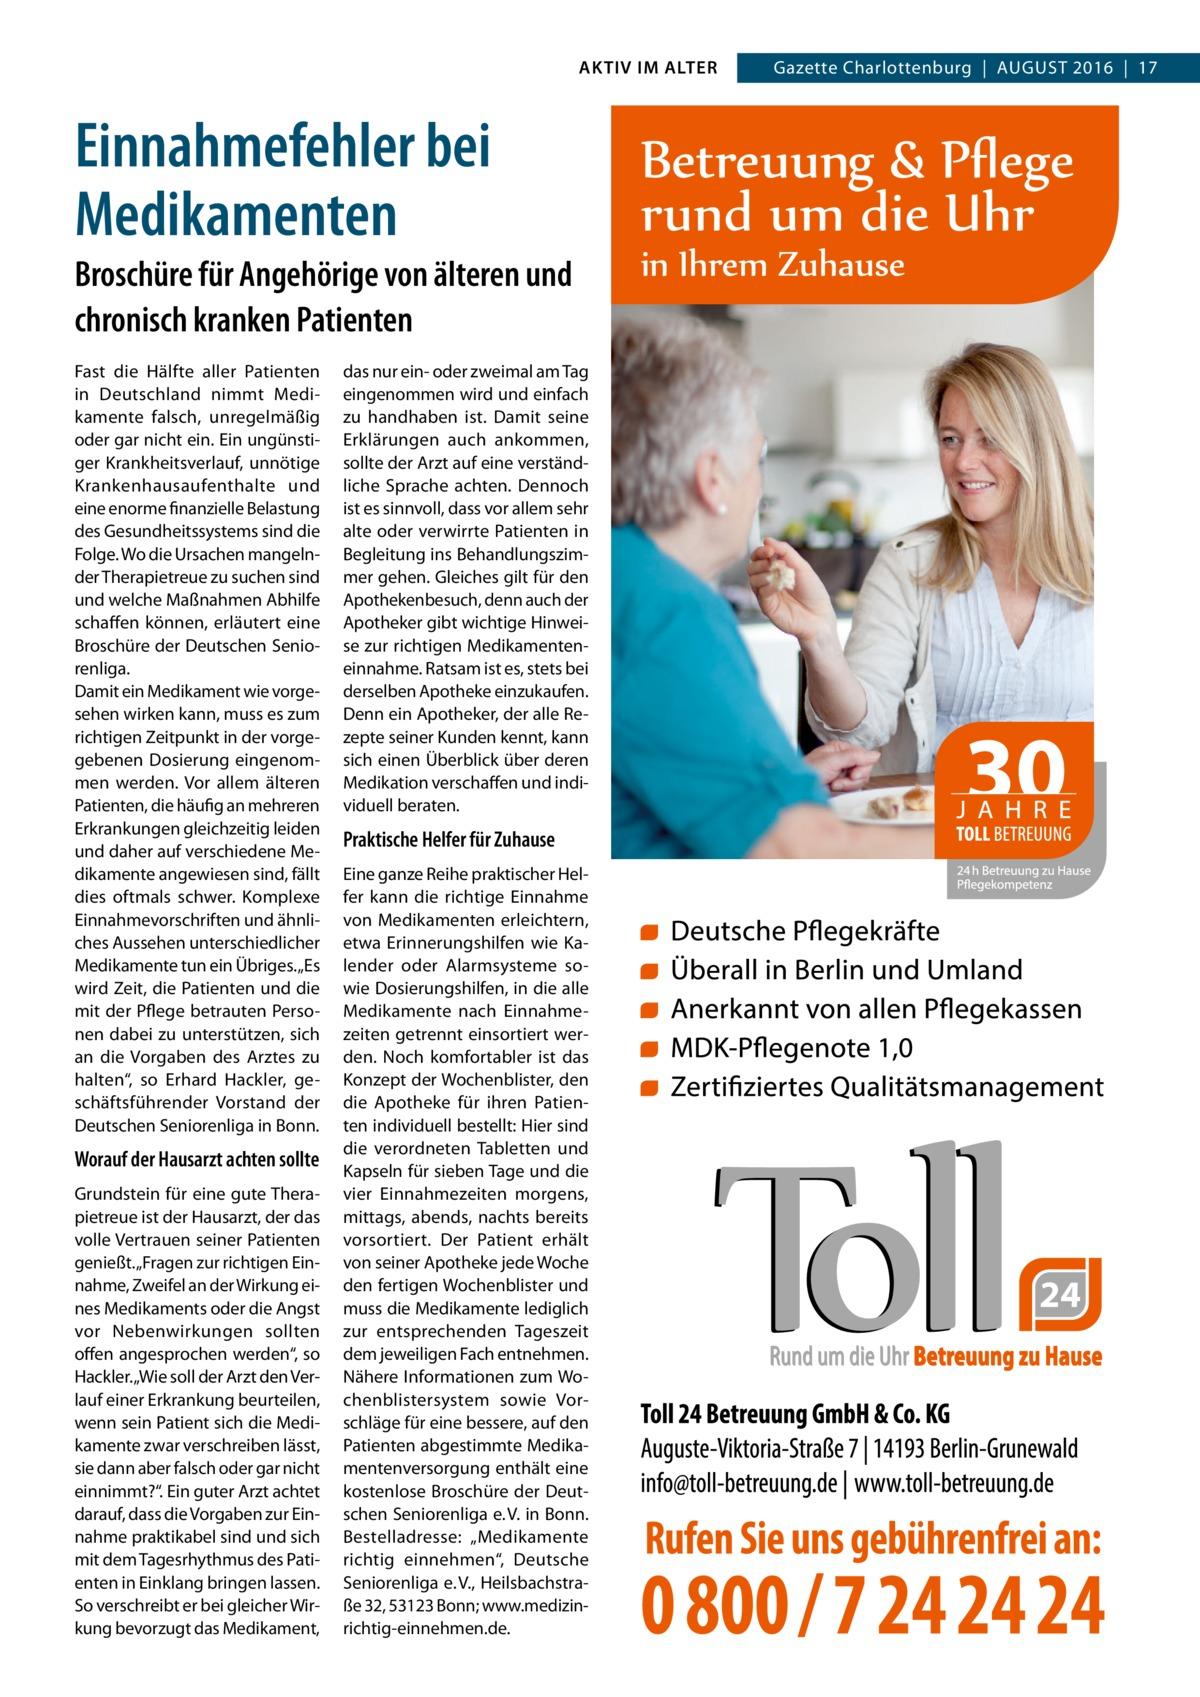 """AKTIV IM ALTER  Einnahmefehler bei Medikamenten Broschüre für Angehörige von älteren und chronisch kranken Patienten Fast die Hälfte aller Patienten in Deutschland nimmt Medikamente falsch, unregelmäßig oder gar nicht ein. Ein ungünstiger Krankheitsverlauf, unnötige Krankenhausaufenthalte und eine enorme finanzielle Belastung des Gesundheitssystems sind die Folge. Wo die Ursachen mangelnder Therapietreue zu suchen sind und welche Maßnahmen Abhilfe schaffen können, erläutert eine Broschüre der Deutschen Seniorenliga. Damit ein Medikament wie vorgesehen wirken kann, muss es zum richtigen Zeitpunkt in der vorgegebenen Dosierung eingenommen werden. Vor allem älteren Patienten, die häufig an mehreren Erkrankungen gleichzeitig leiden und daher auf verschiedene Medikamente angewiesen sind, fällt dies oftmals schwer. Komplexe Einnahmevorschriften und ähnliches Aussehen unterschiedlicher Medikamente tun ein Übriges. """"Es wird Zeit, die Patienten und die mit der Pflege betrauten Personen dabei zu unterstützen, sich an die Vorgaben des Arztes zu halten"""", so Erhard Hackler, geschäftsführender Vorstand der Deutschen Seniorenliga in Bonn.  Worauf der Hausarzt achten sollte Grundstein für eine gute Therapietreue ist der Hausarzt, der das volle Vertrauen seiner Patienten genießt. """"Fragen zur richtigen Einnahme, Zweifel an der Wirkung eines Medikaments oder die Angst vor Nebenwirkungen sollten offen angesprochen werden"""", so Hackler. """"Wie soll der Arzt den Verlauf einer Erkrankung beurteilen, wenn sein Patient sich die Medikamente zwar verschreiben lässt, sie dann aber falsch oder gar nicht einnimmt?"""". Ein guter Arzt achtet darauf, dass die Vorgaben zur Einnahme praktikabel sind und sich mit dem Tagesrhythmus des Patienten in Einklang bringen lassen. So verschreibt er bei gleicher Wirkung bevorzugt das Medikament,  das nur ein- oder zweimal am Tag eingenommen wird und einfach zu handhaben ist. Damit seine Erklärungen auch ankommen, sollte der Arzt auf eine verständliche Sprache achten"""